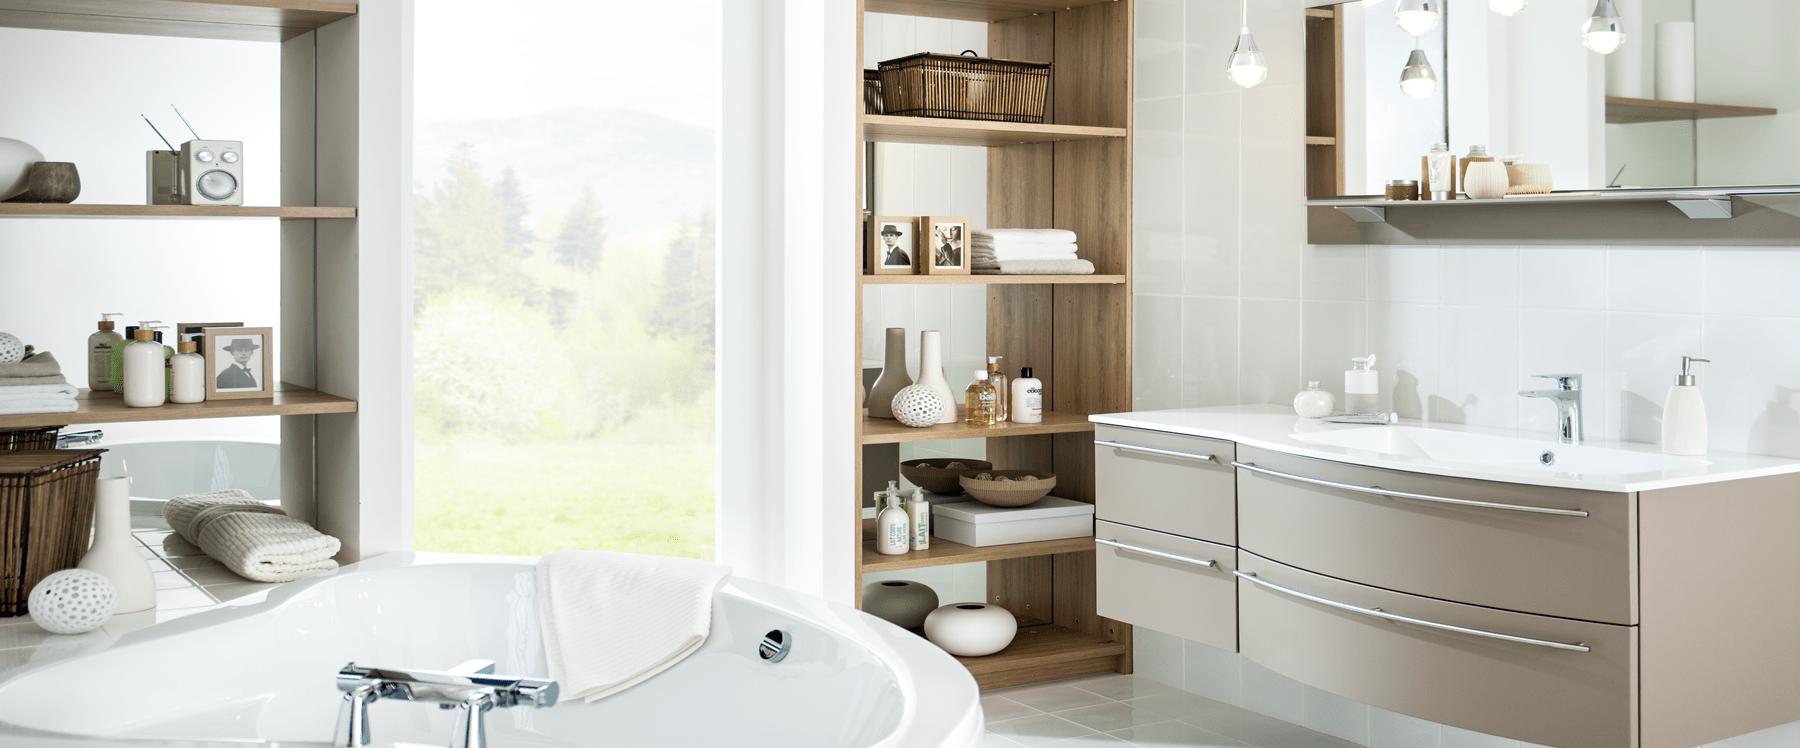 Gør badeværelset roligt og harmonisk   schmidt køkken